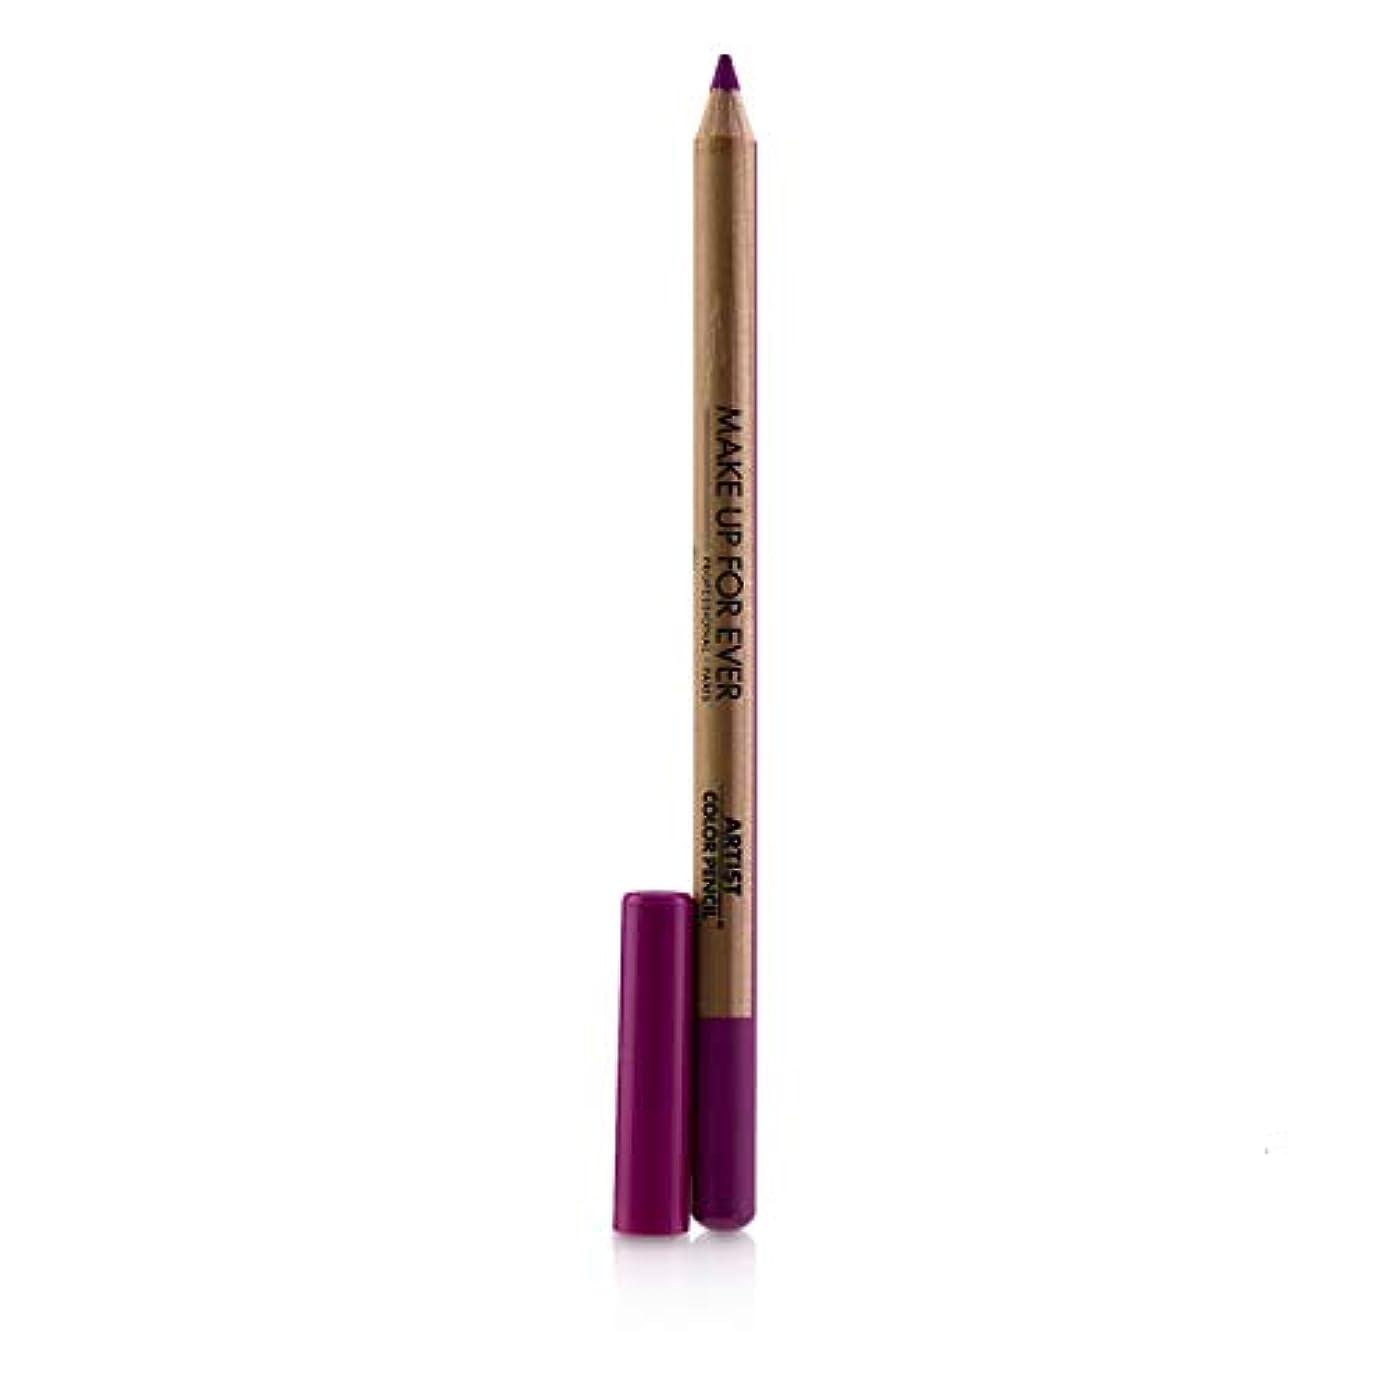 こっそりぼかす待つメイクアップフォーエバー Artist Color Pencil - # 812 Multi Pink 1.41g/0.04oz並行輸入品